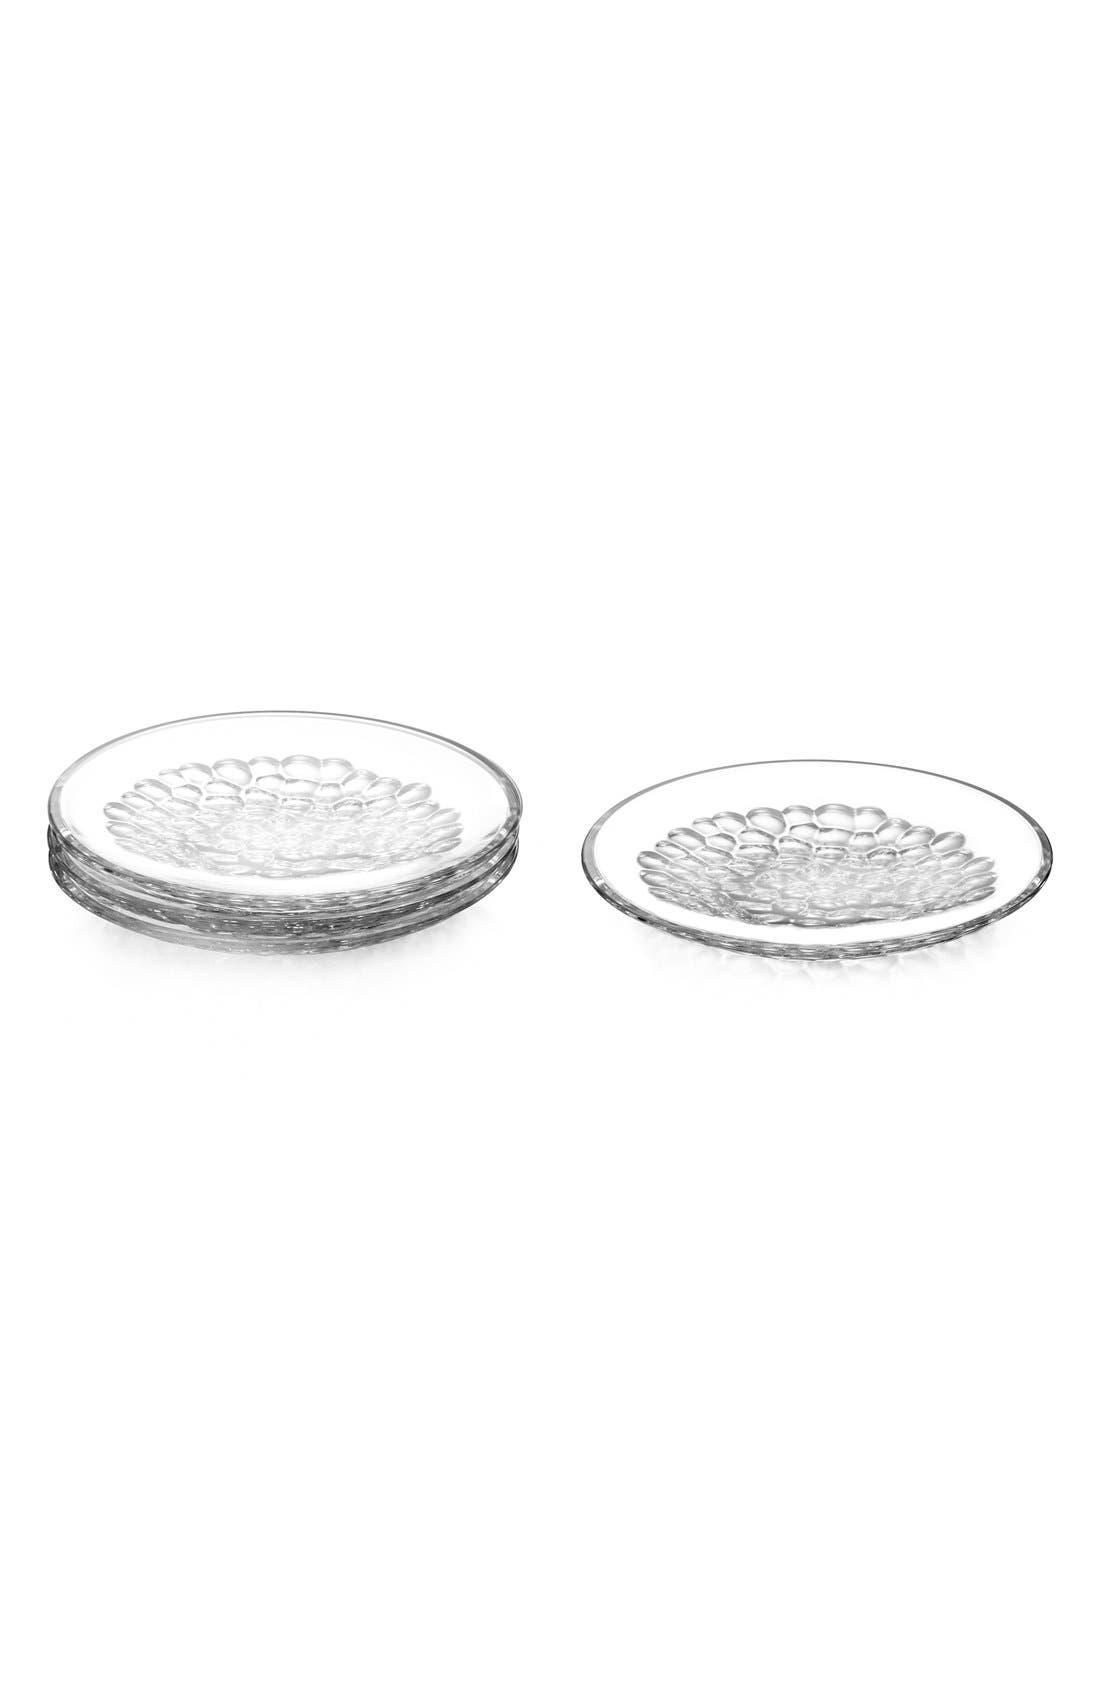 ORREFORS 'Pearl' Lead Crystal Dessert Plates